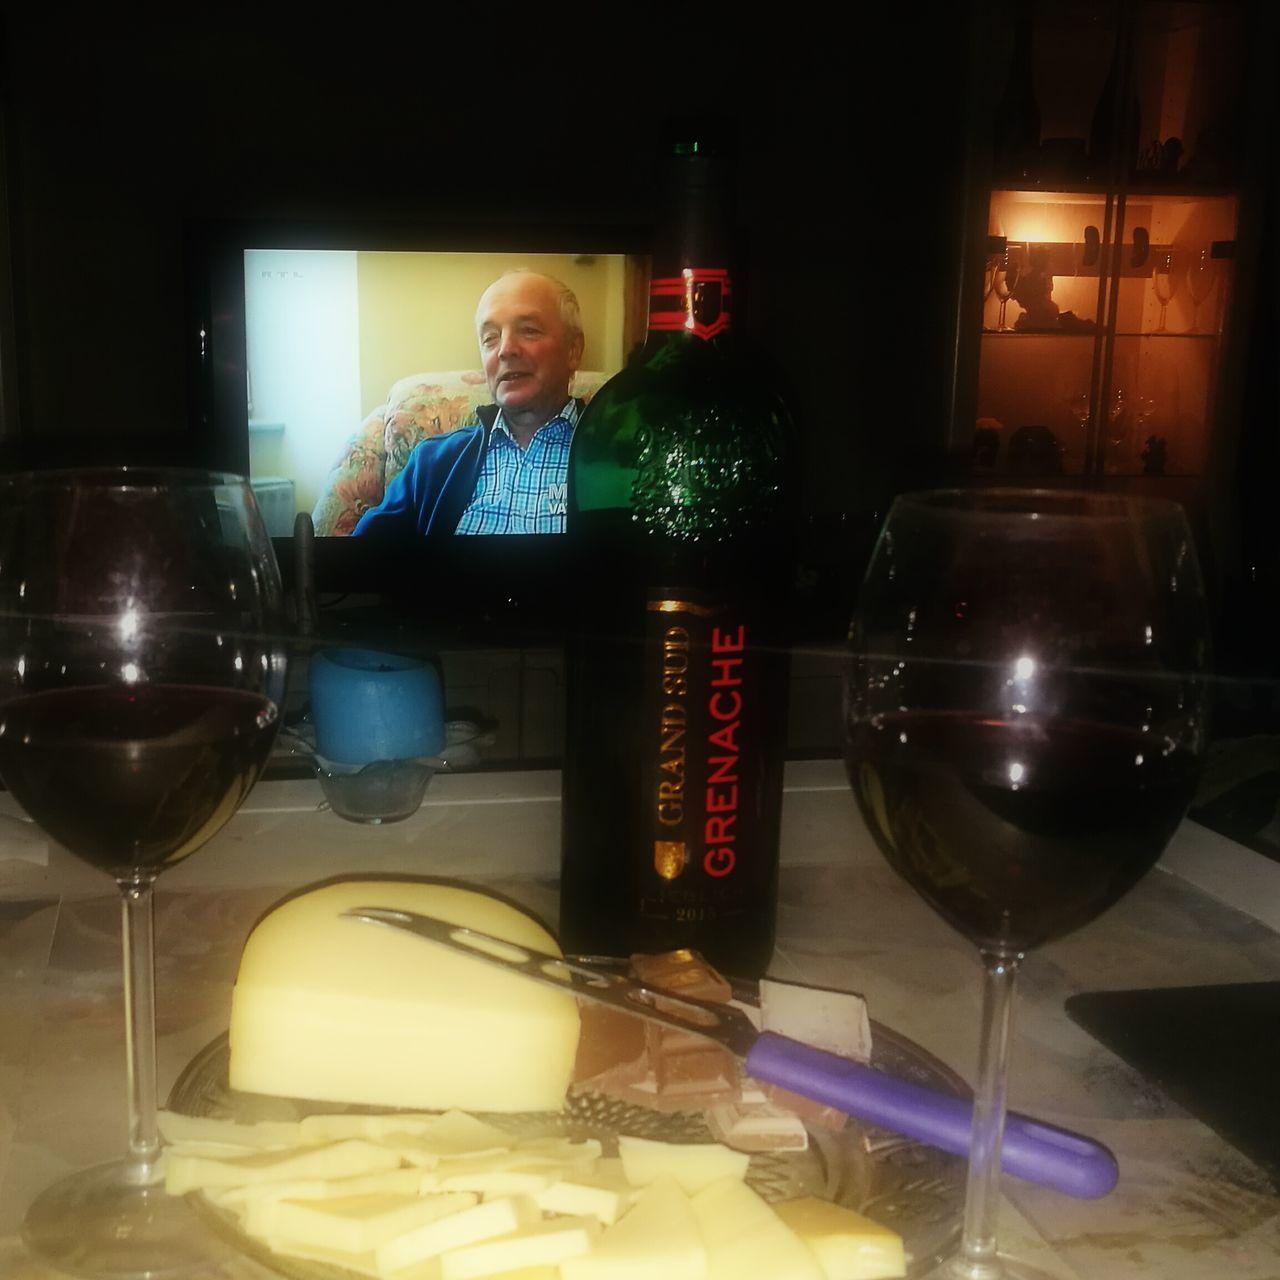 Wein Abend Samstag Samstagabend Zuzweit Kuscheln  вино вечер👍 вдвоем вдвоем с любимым